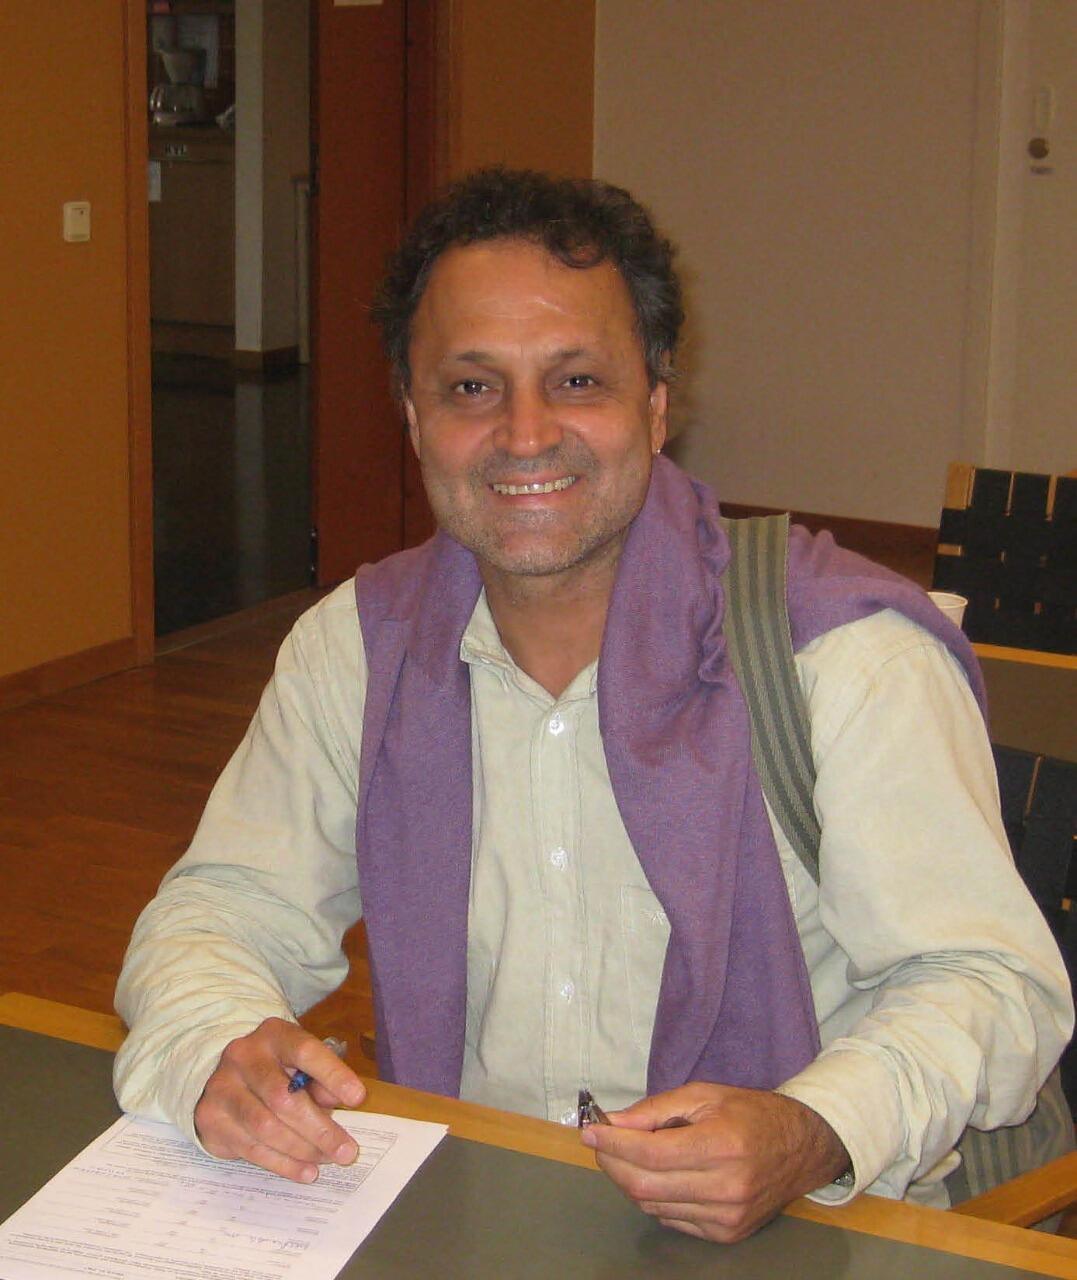 Antonio Ponce de Leon, professor titular de Estatística e Epidemiologia da Universidade do Estado do Rio de Janeiro (Uerj) e professor visitante regular do Instituto Karolinska da Suécia.